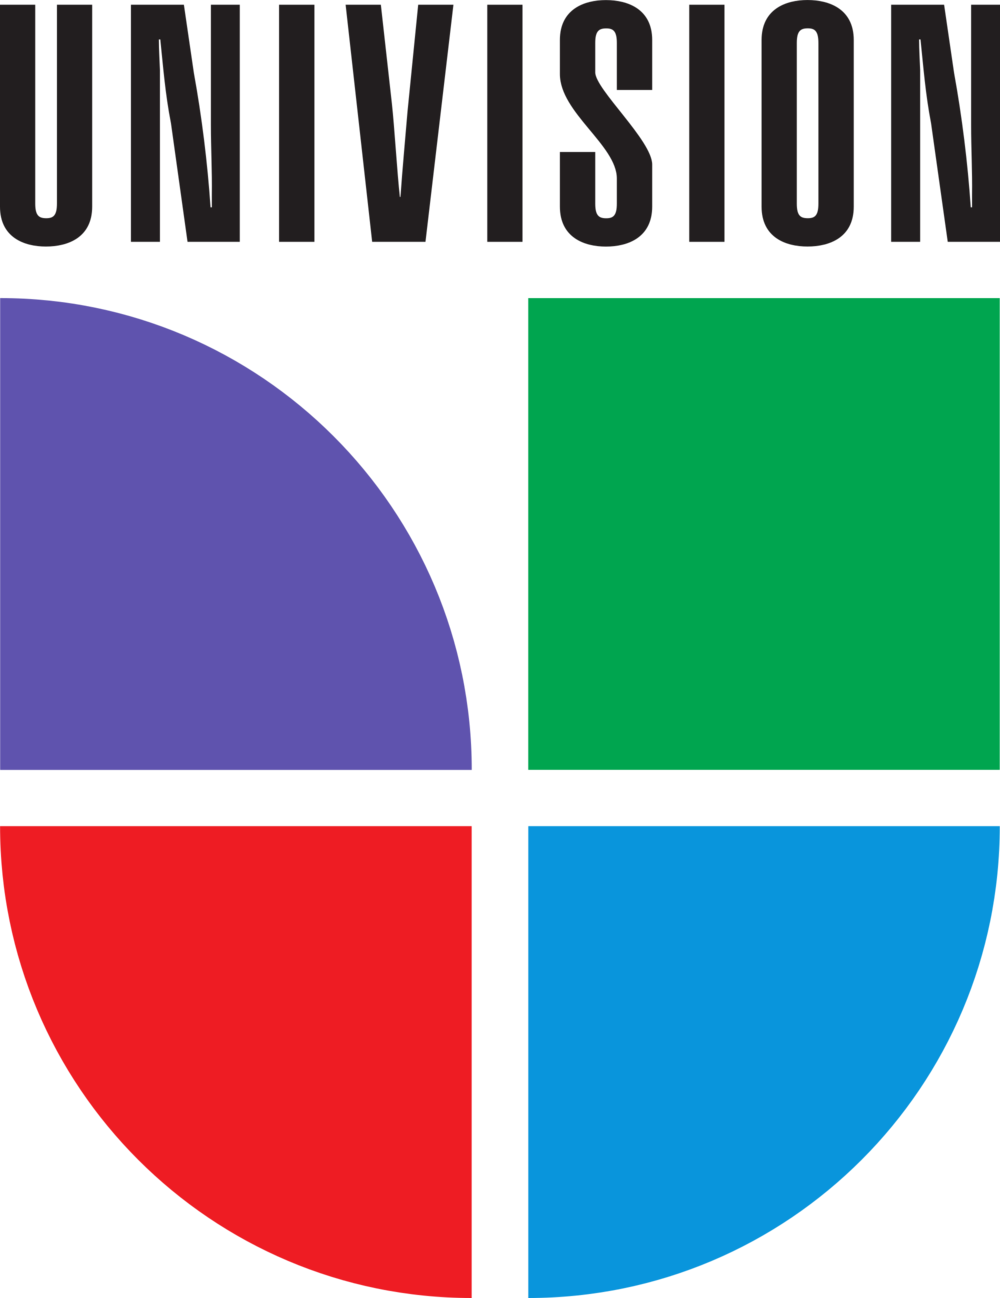 EN LAWRENCE LAS CÁMARAS DE VIGILANCIA LLEGAN A LA CALLES PARA COMBATIR LA DELINCUENCIA EN LA CIUDAD - October 18, 2018